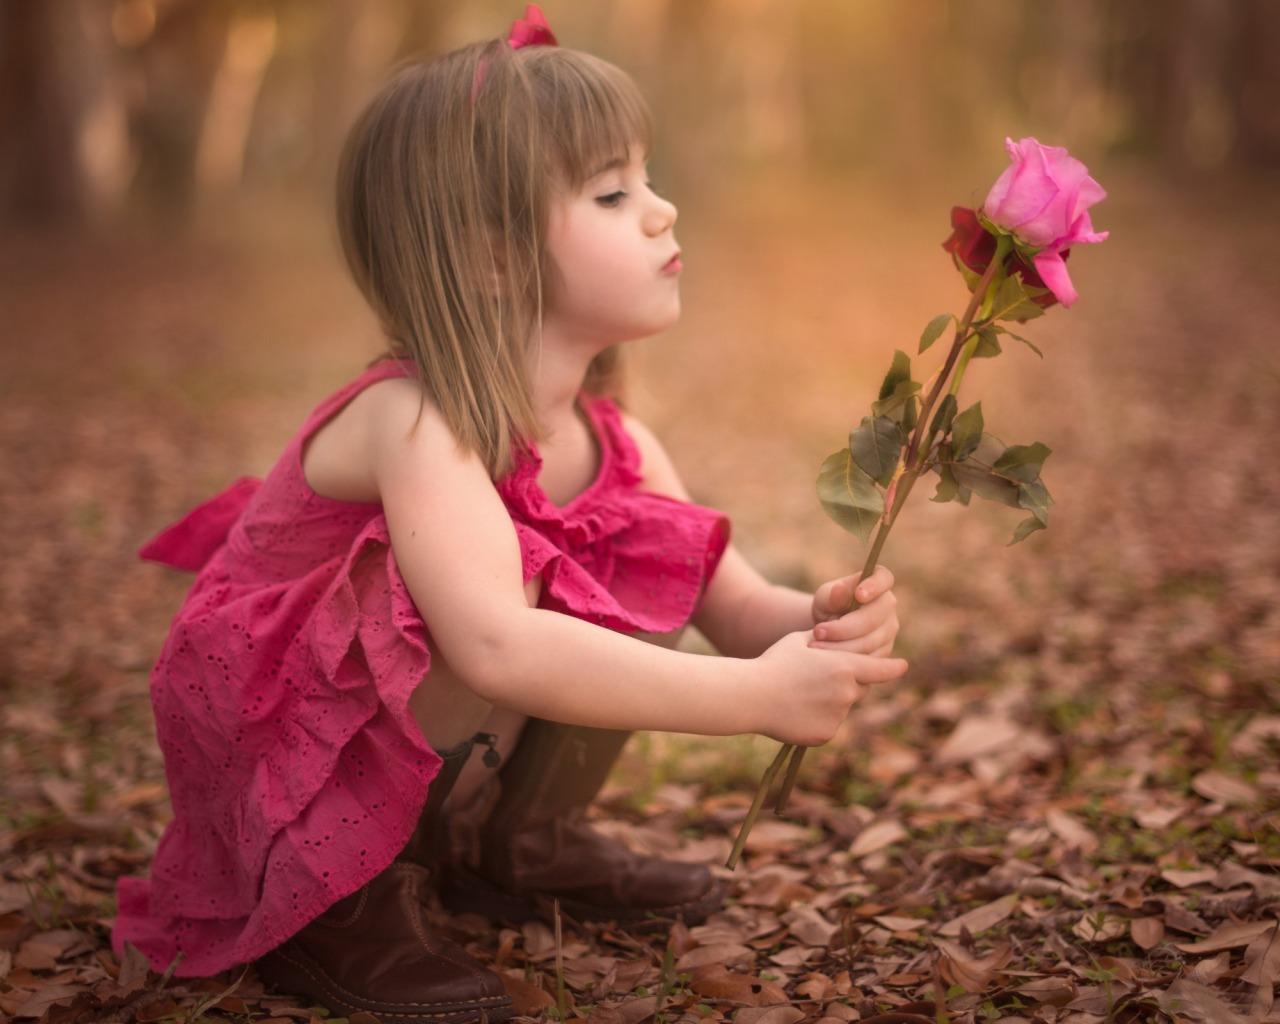 اطفال بنات جميلات اجمل بنات اطفال في العالم روشه